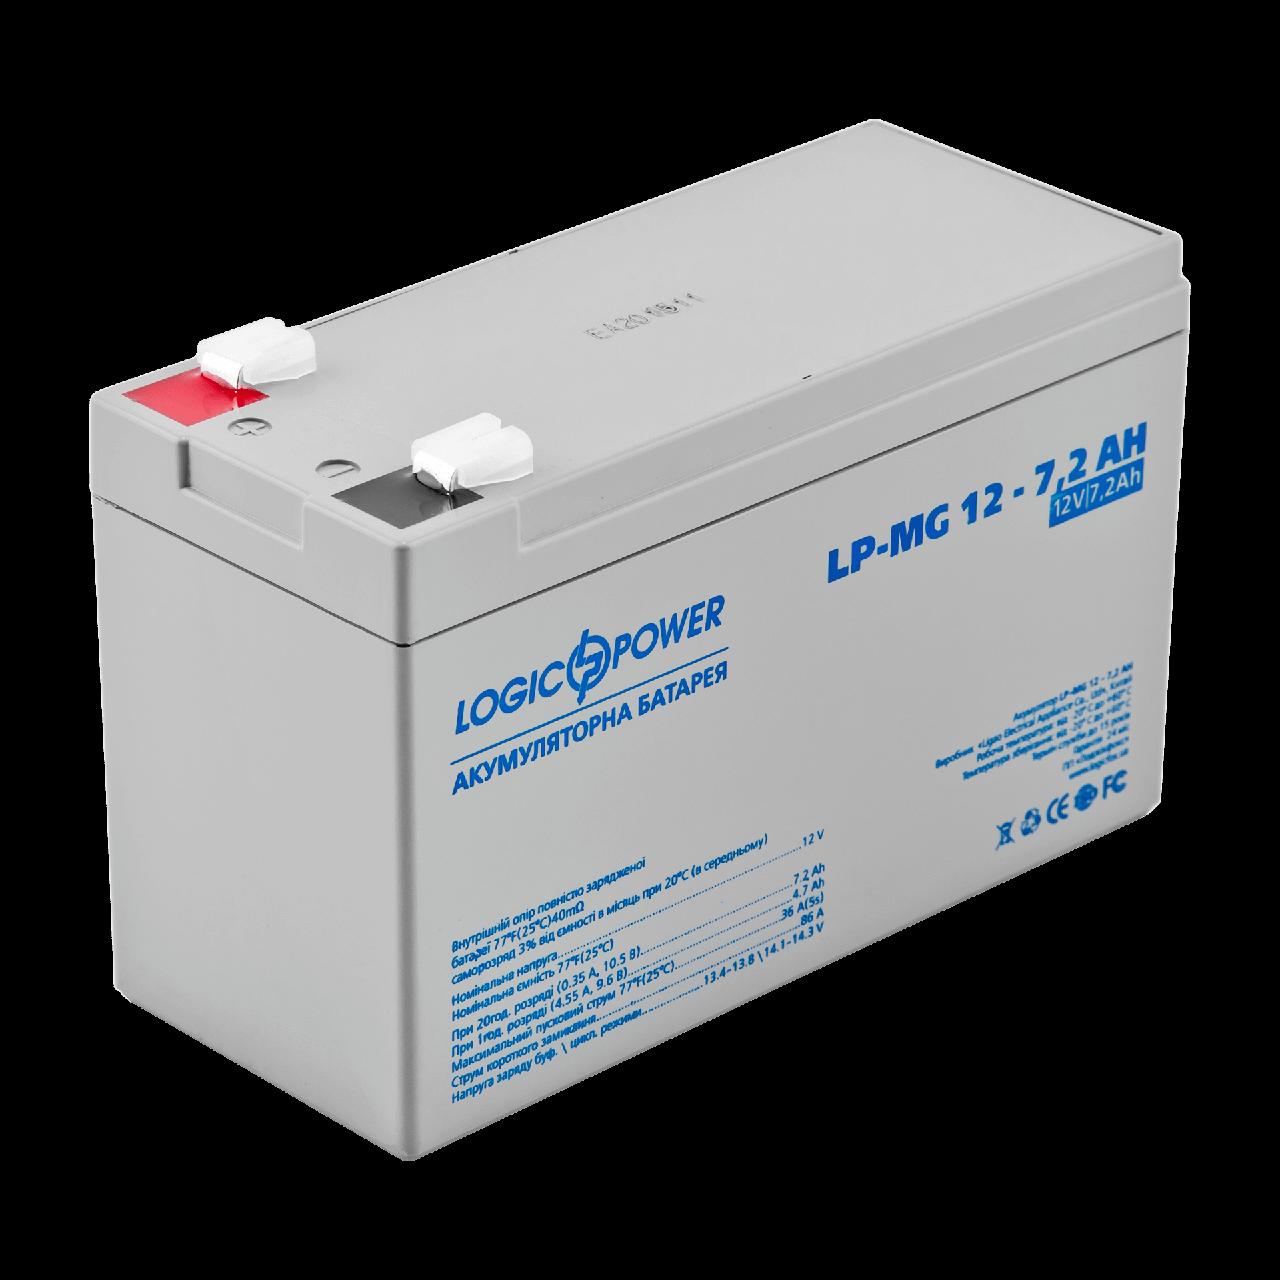 Аккумулятор мультигелевый AGM LogicPower LP-MG 12 - 7,2 AH